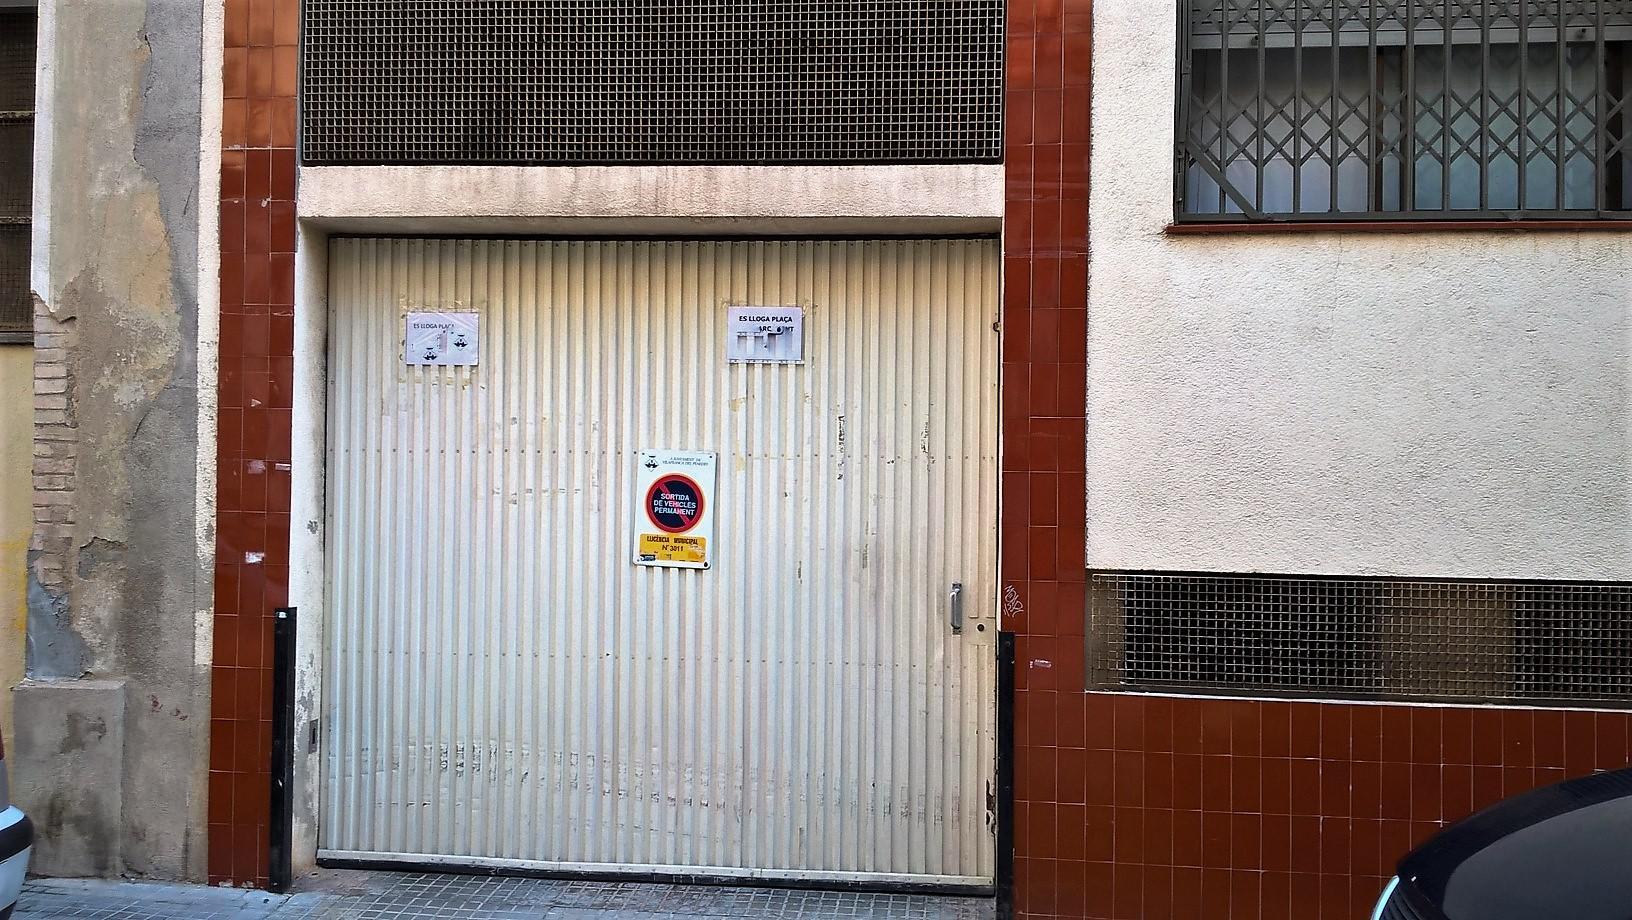 211605 - Cerca Rambla Sant Francesc